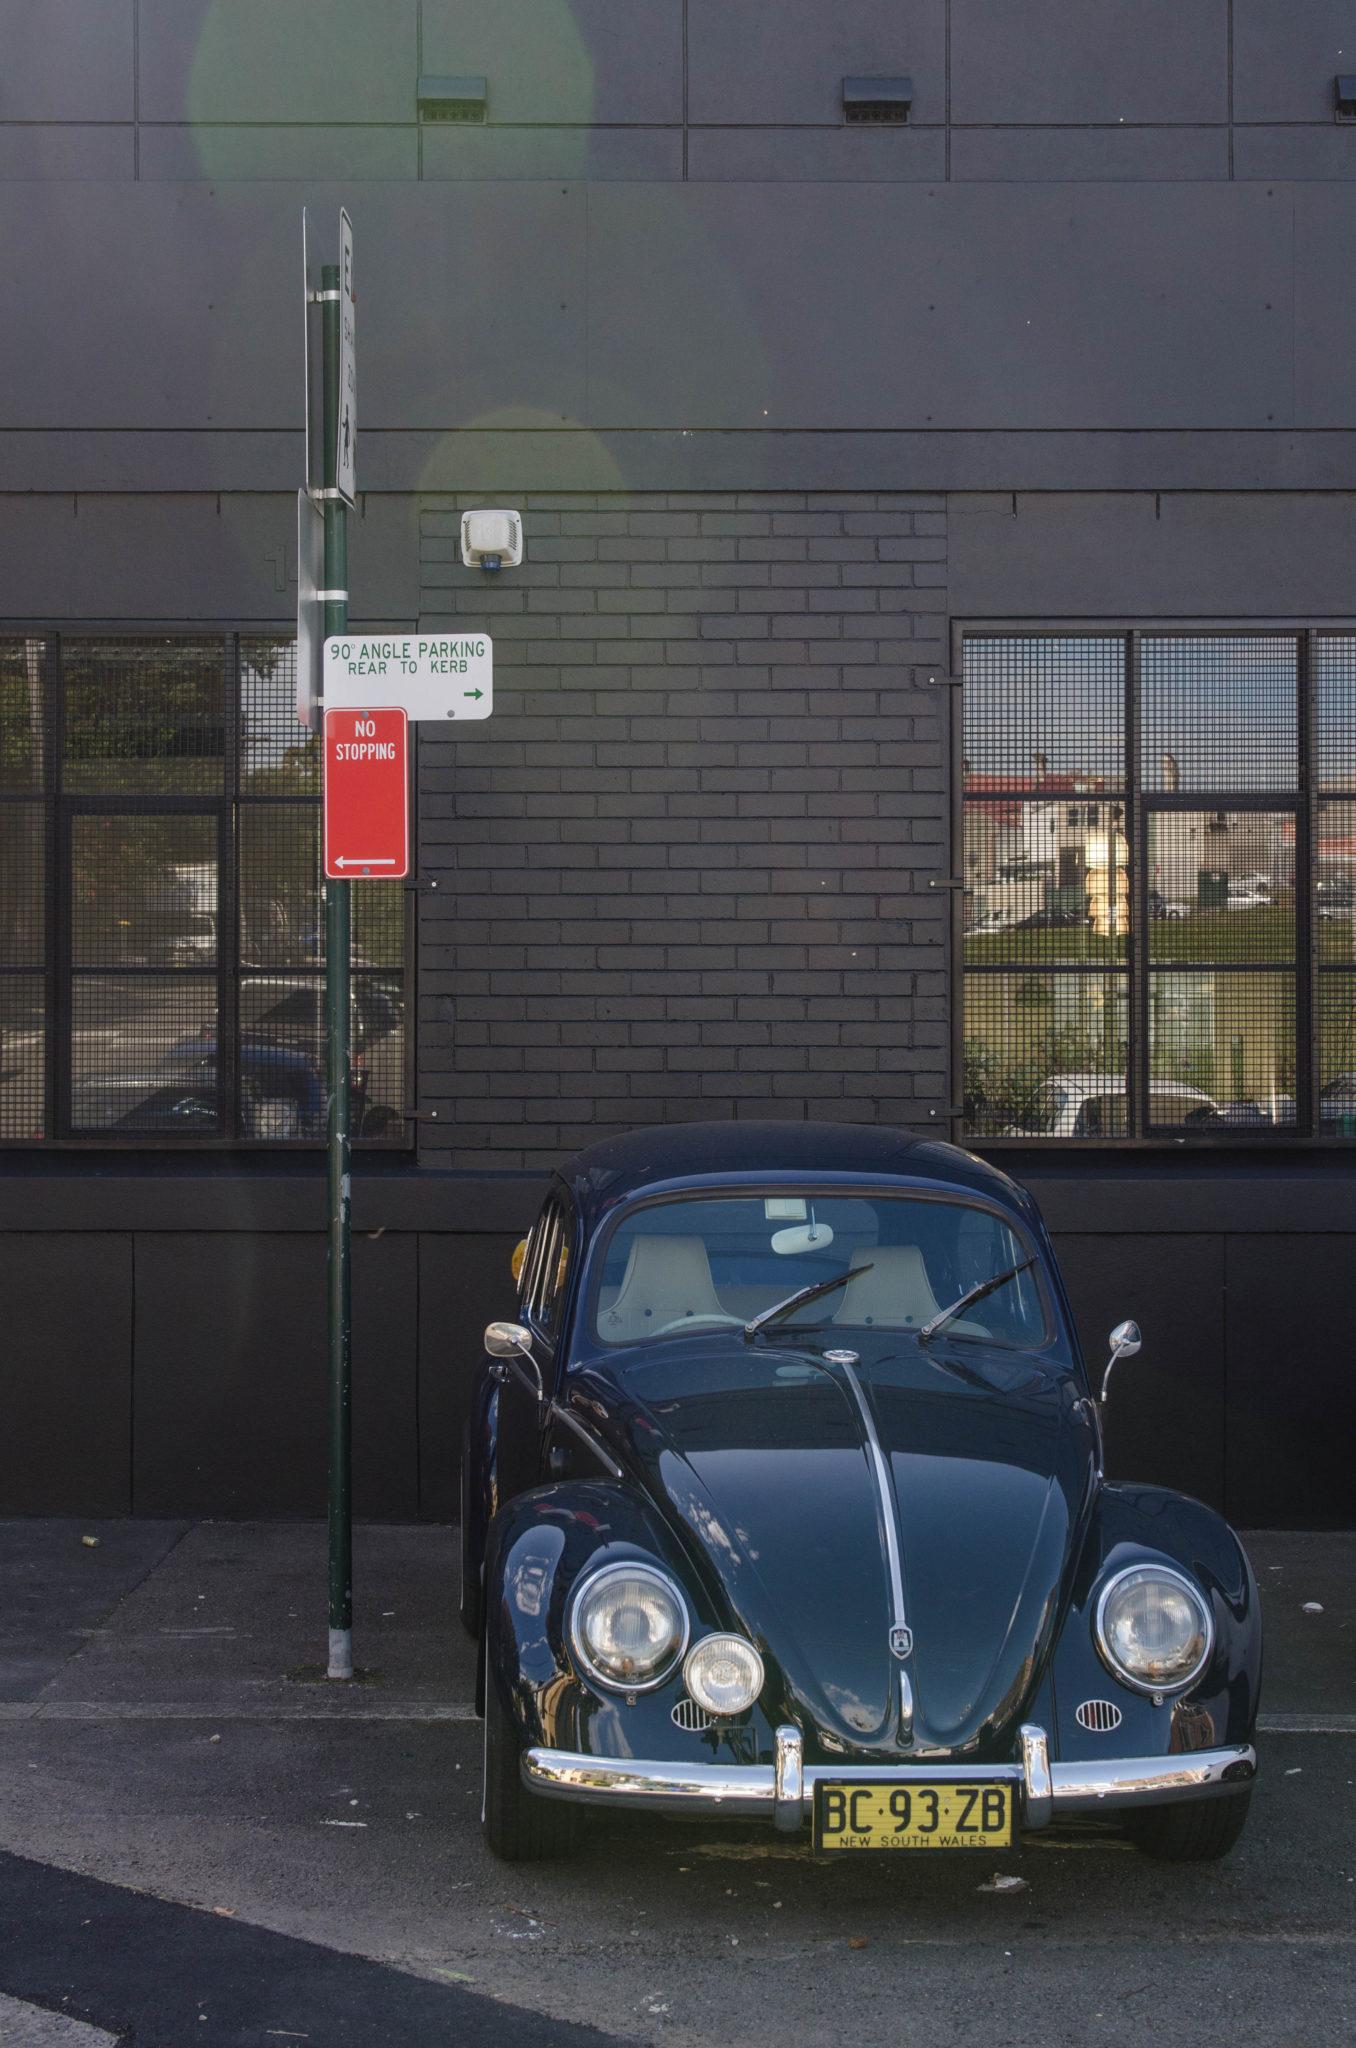 Redfern Sydney: Schicke Autos schmücken die Kulisse